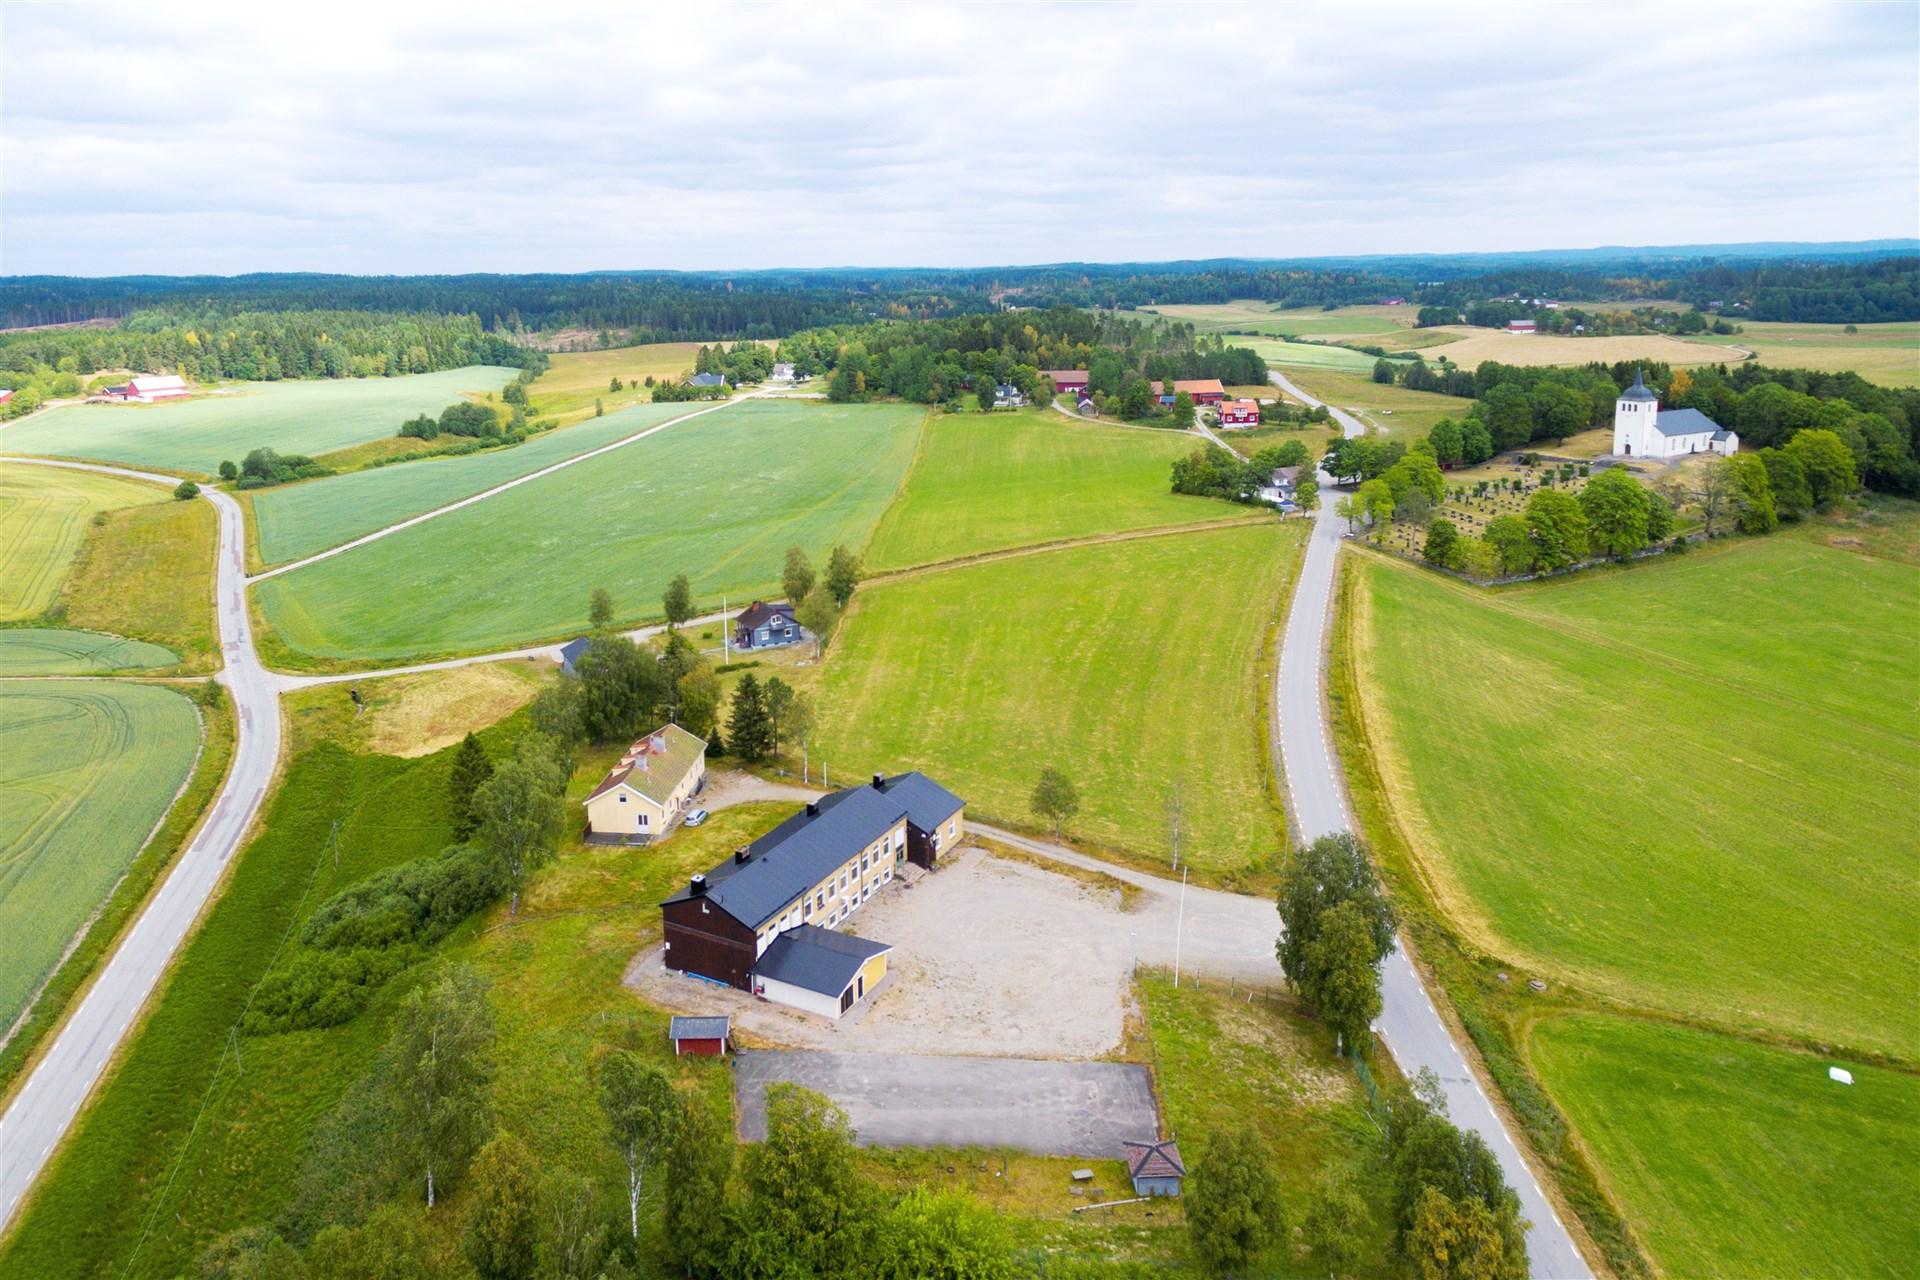 Fastigheten ligger i vacker lantlig miljö. Närmast till vänster ligger den före detta lärarbostaden och i